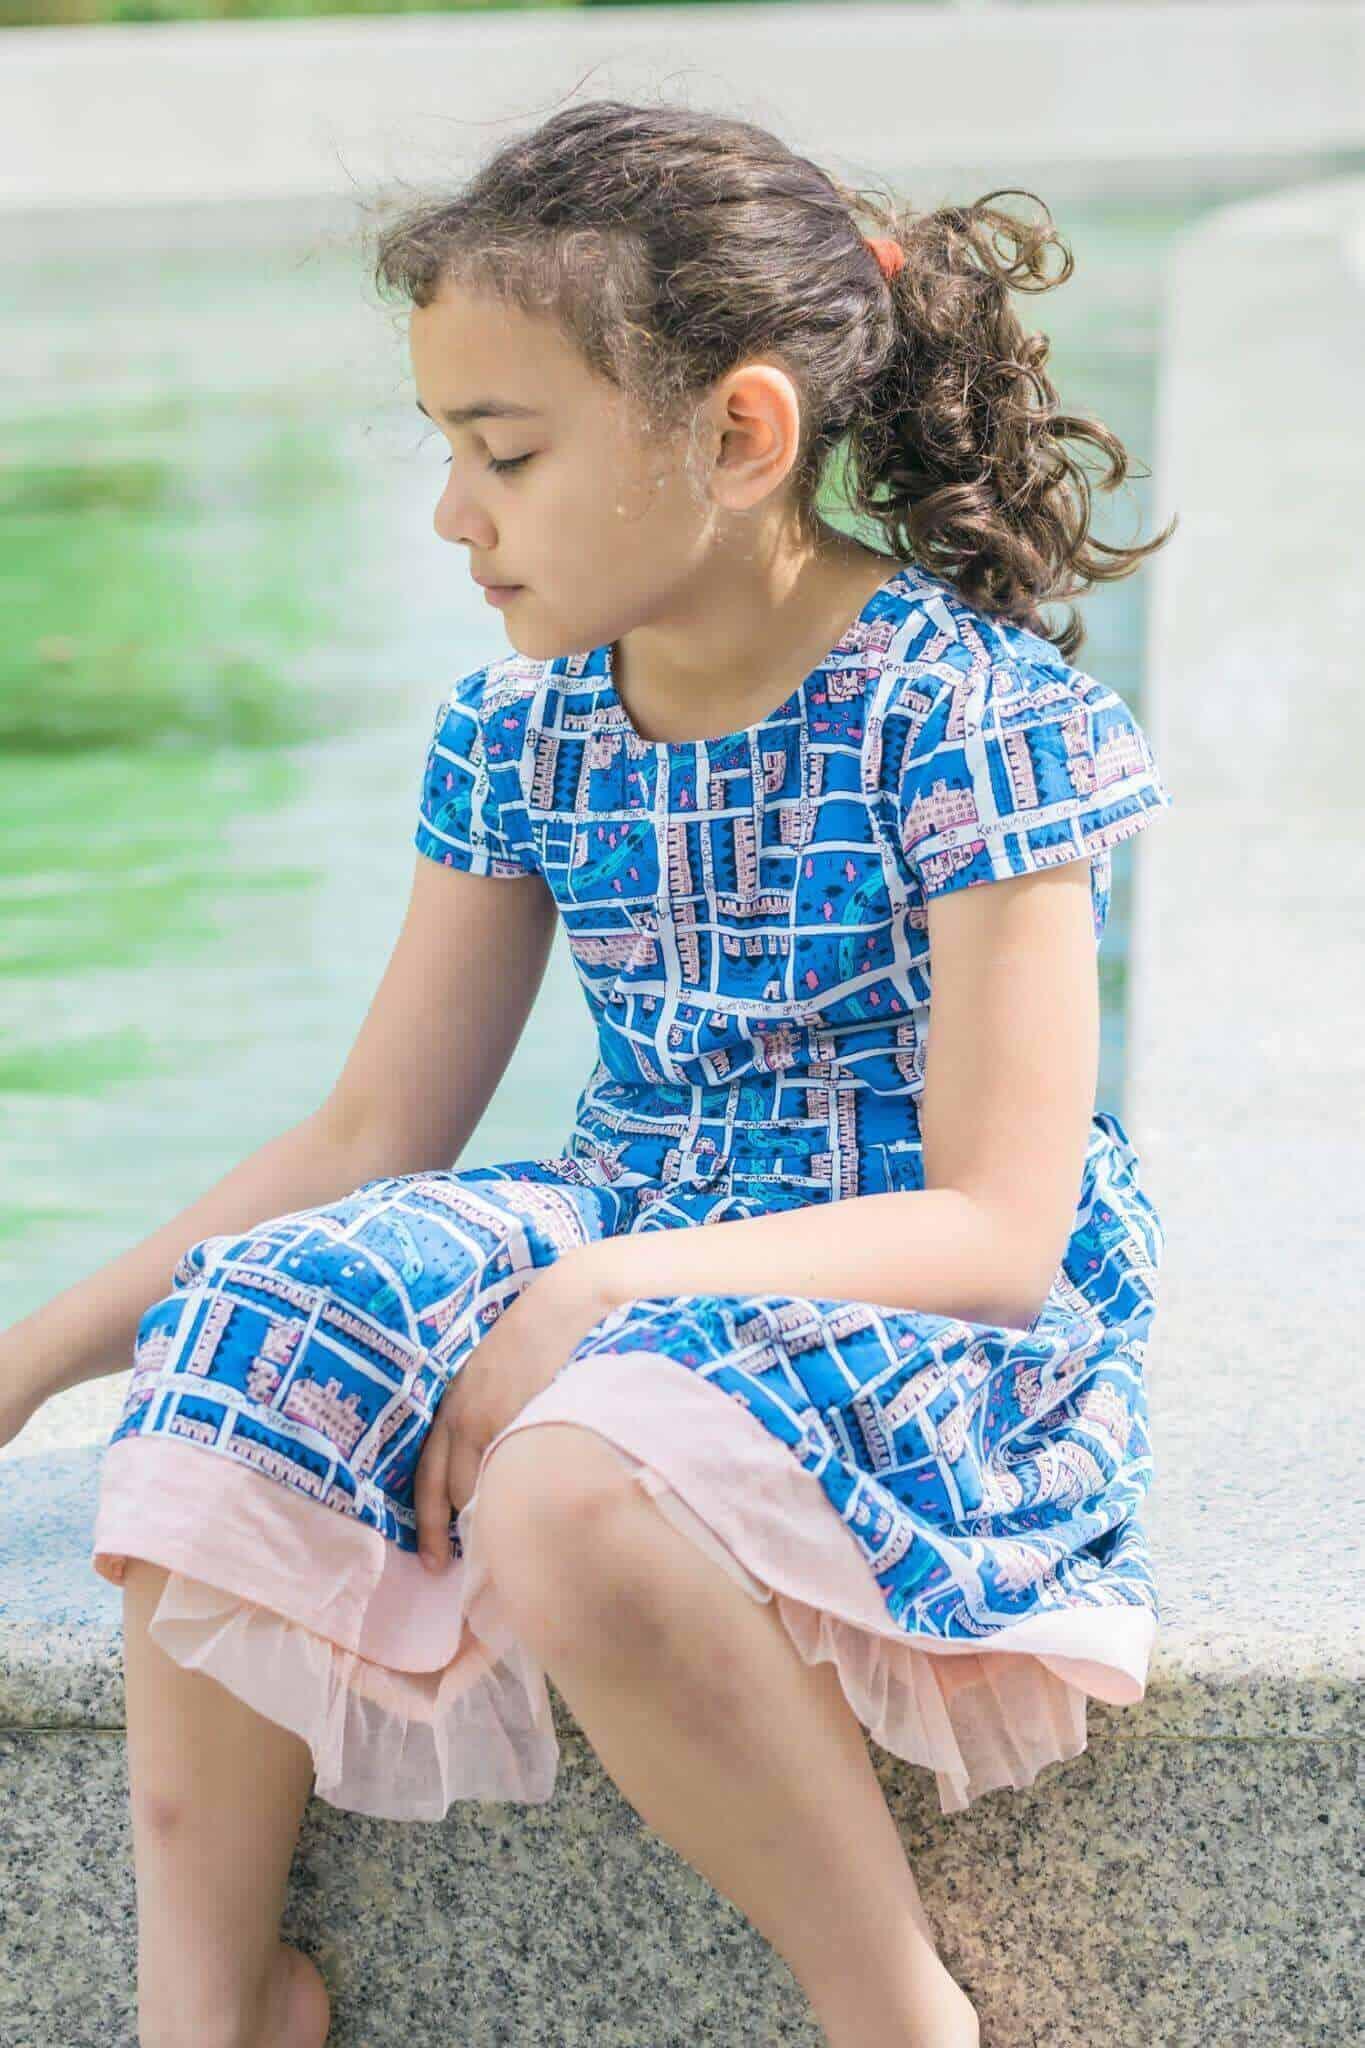 yumi notting hill dress